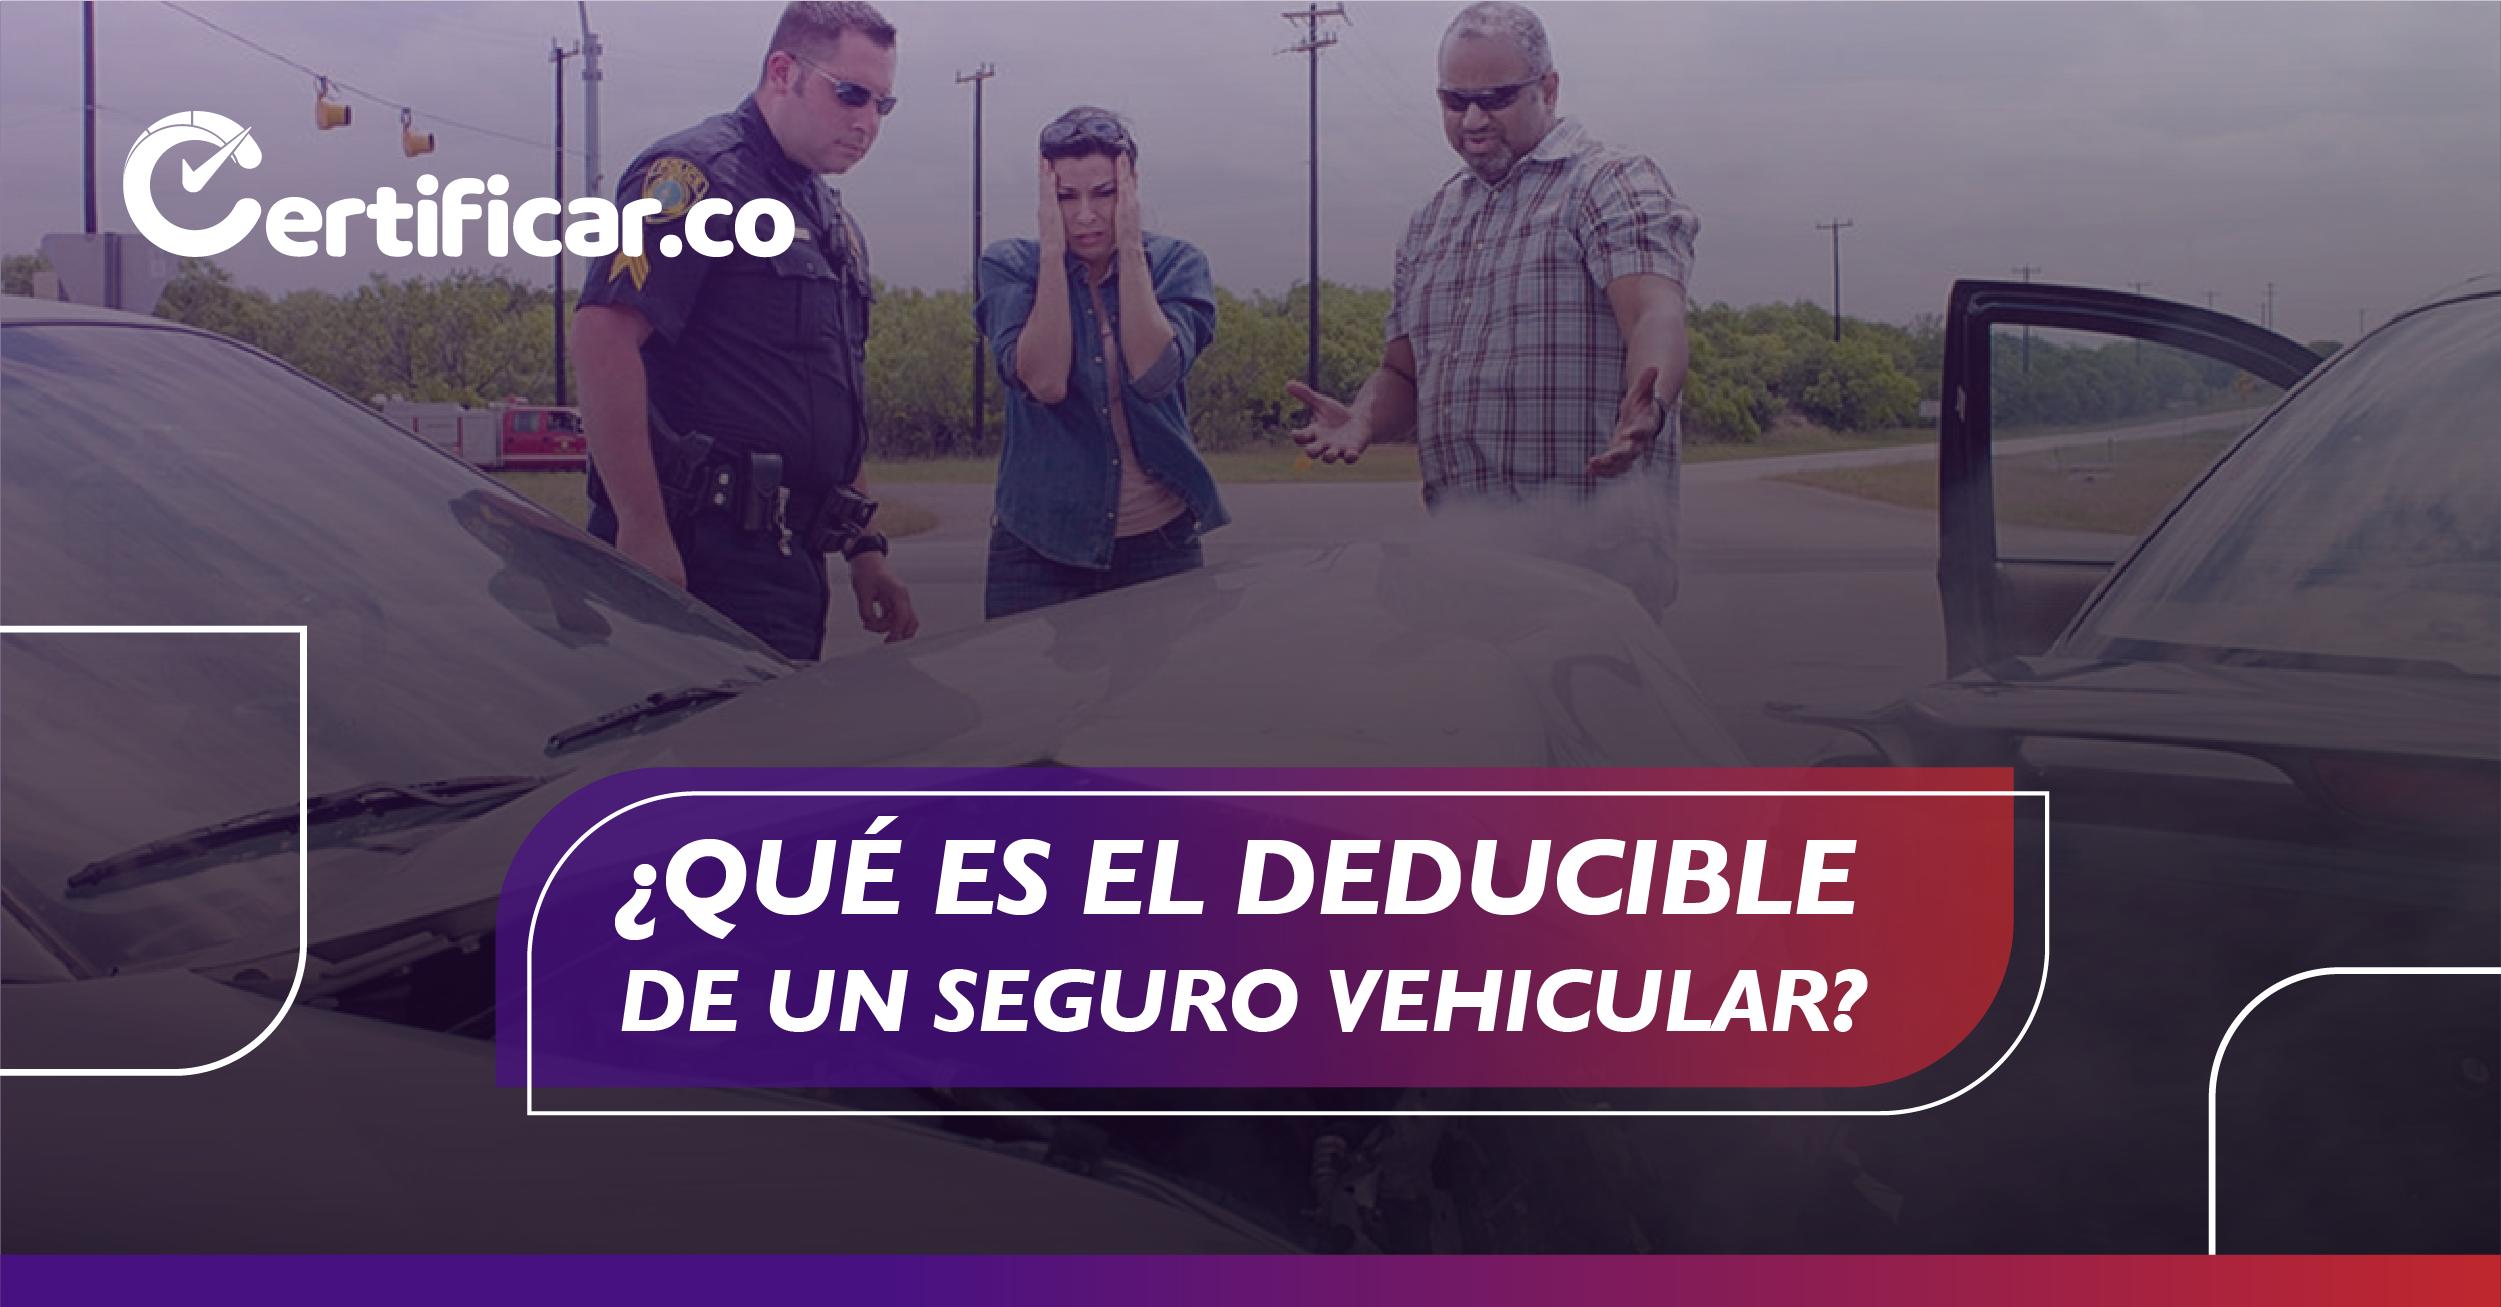 Validar vehiculo usado - deducible de un seguro vehicular